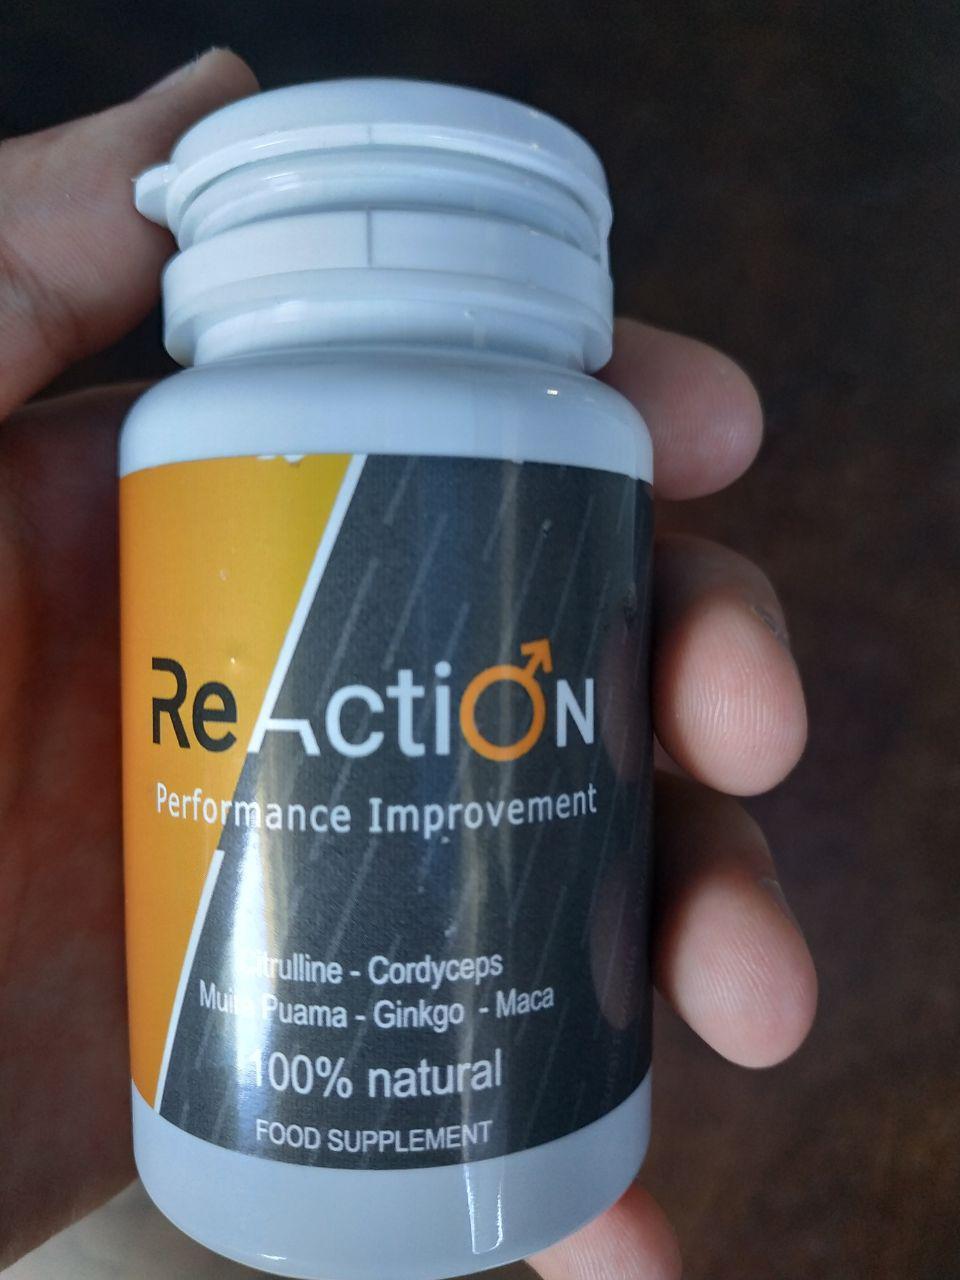 hogyan lehet helyreállítani az erekciót tabletták nélkül